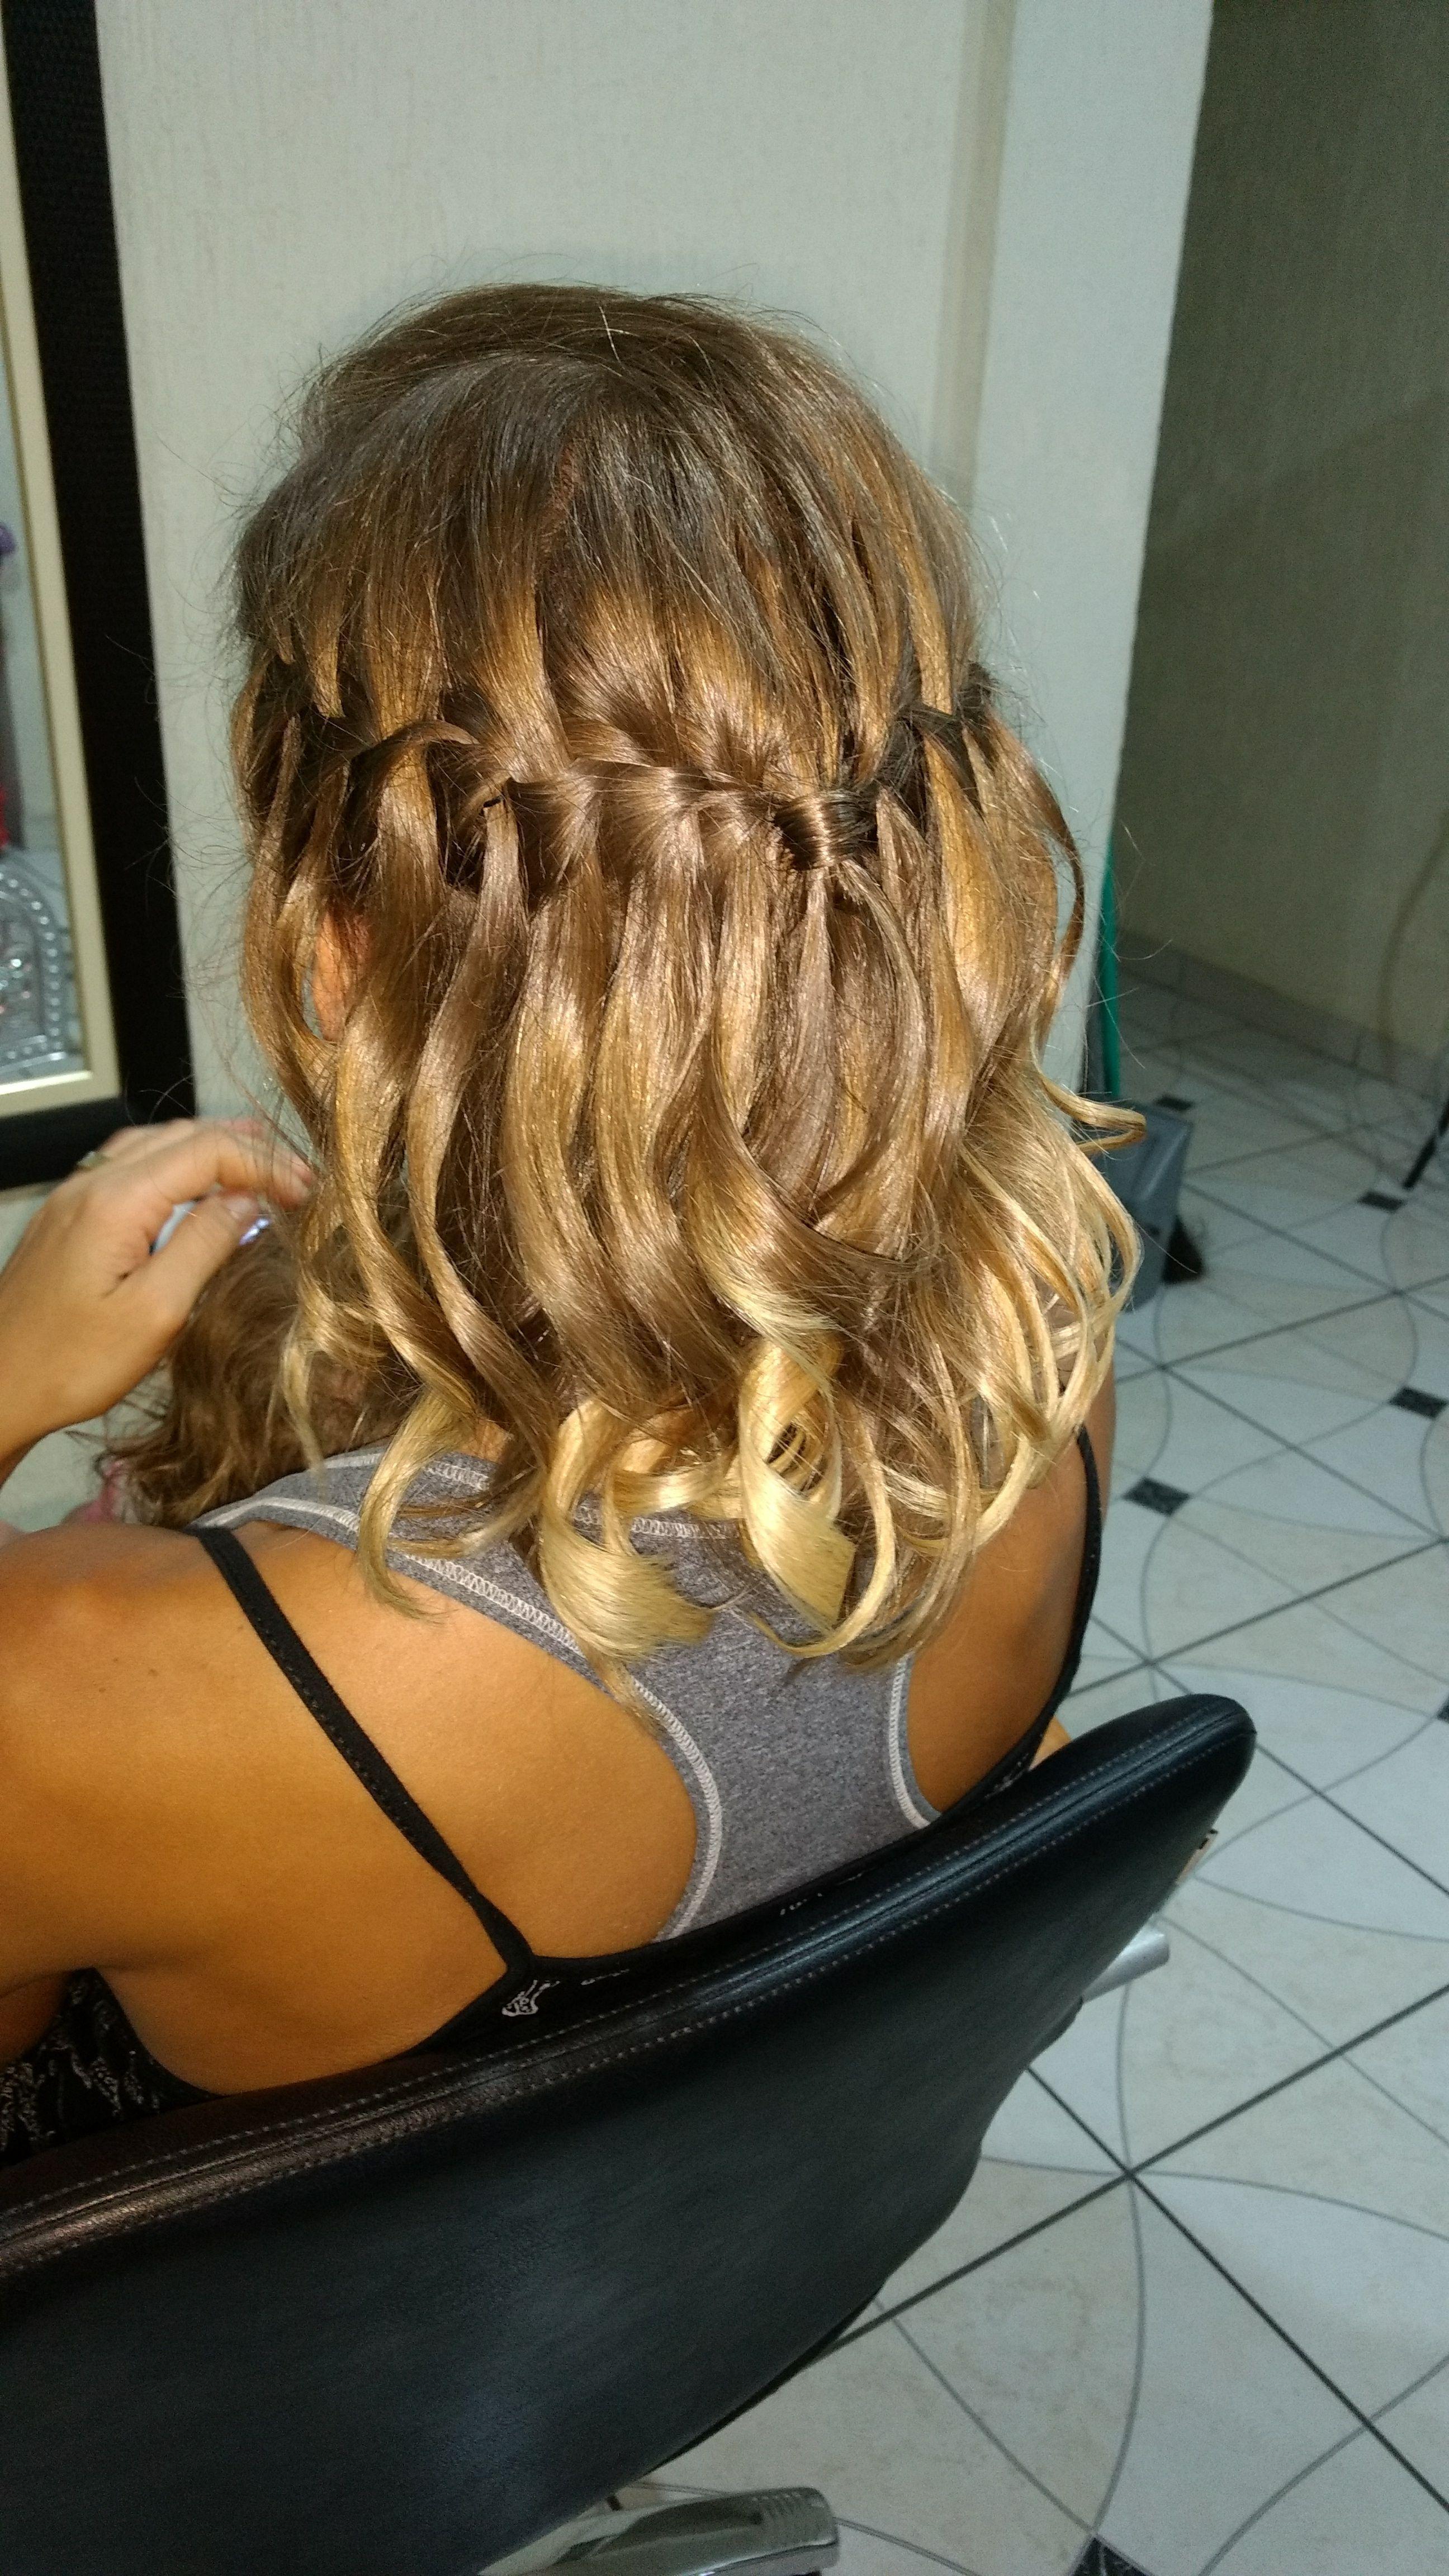 cabelo cabeleireiro(a) depilador(a) designer de sobrancelhas maquiador(a) micropigmentador(a) esteticista docente / professor(a) outros